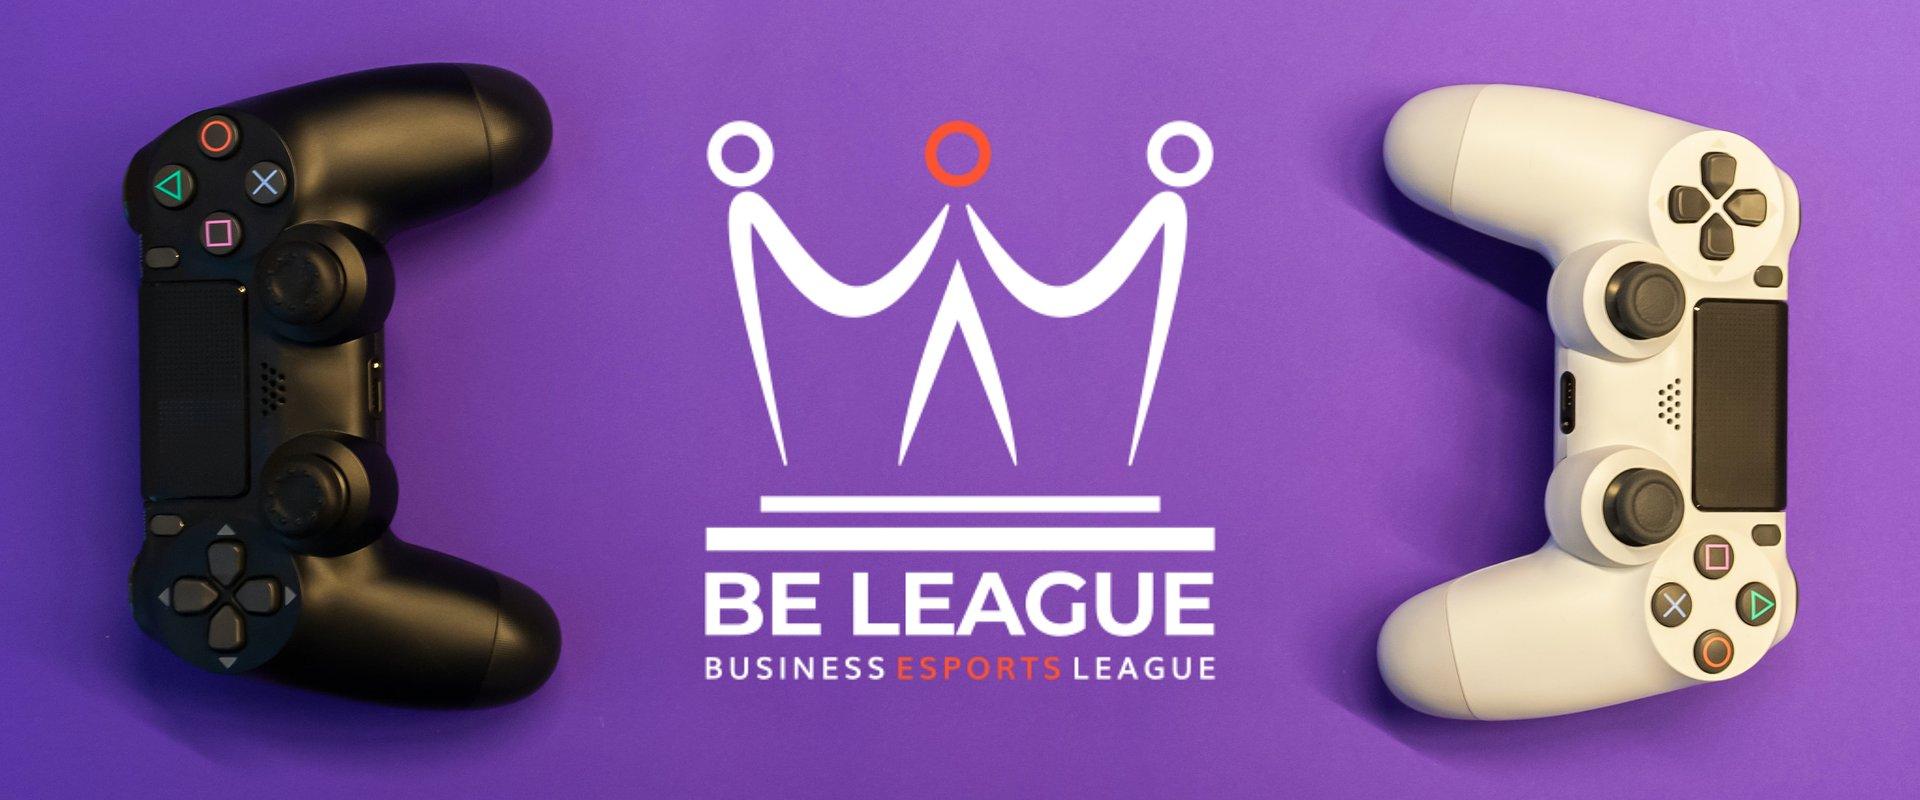 Biznesowa liga e-sportów innowacyjnym narzędziem integracji zespołu